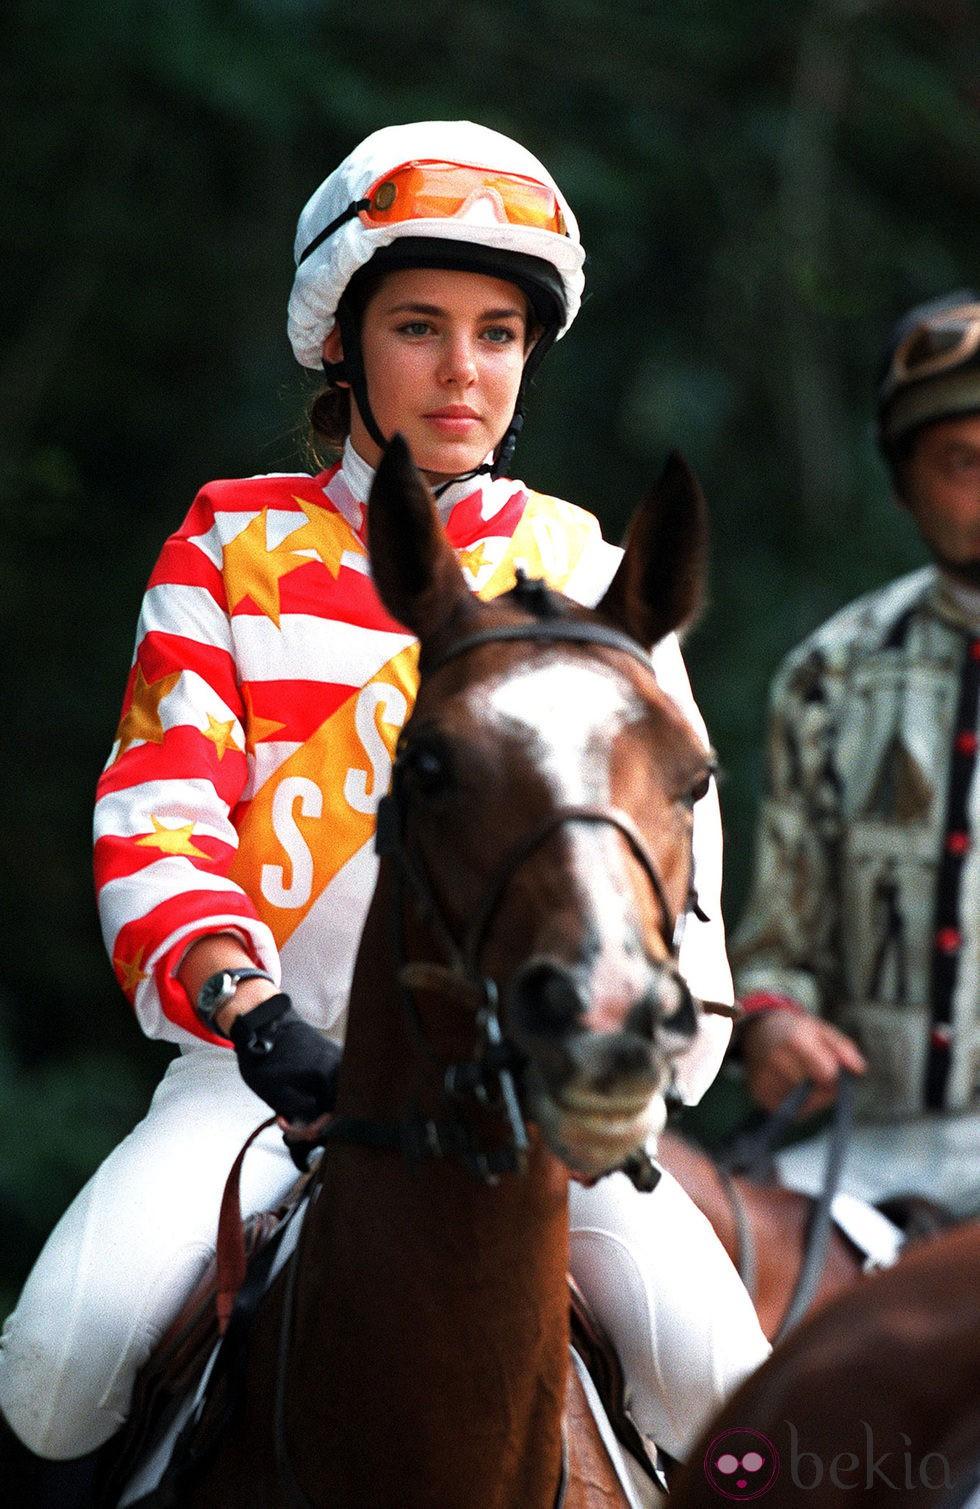 3250_carlota-casiraghi-montando-a-caballo-en-2001-en-fontainebleau.jpg